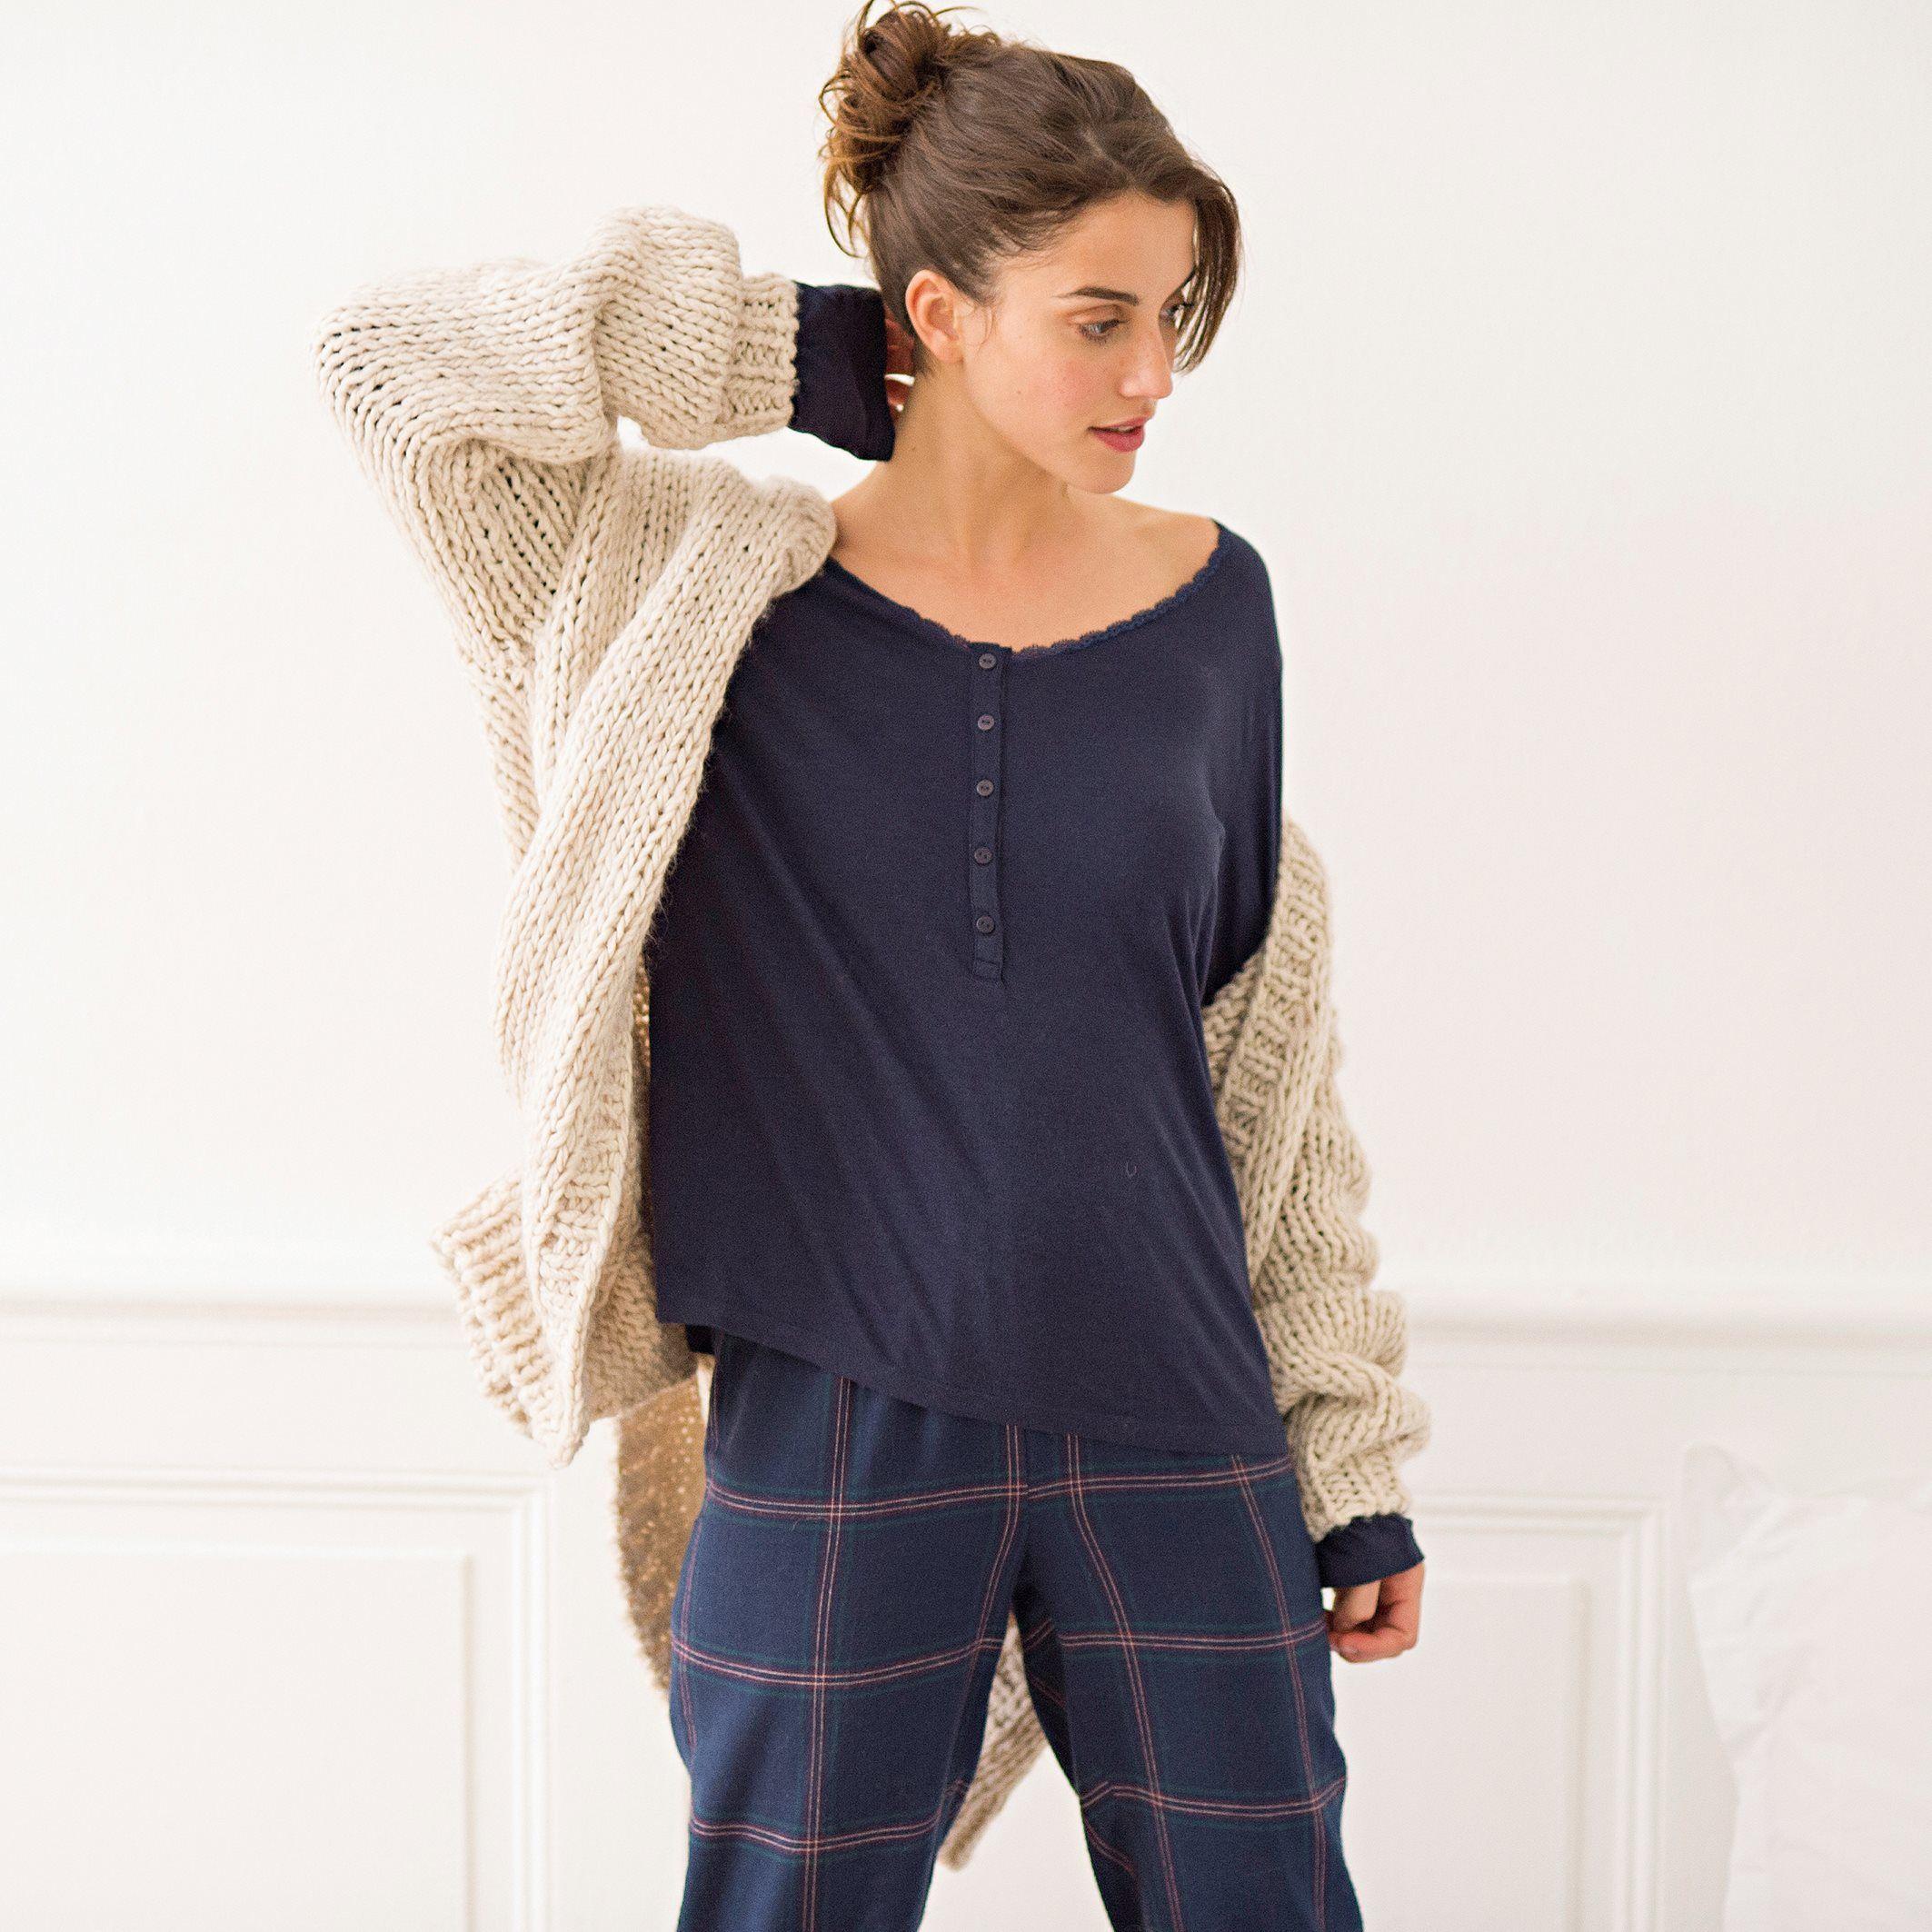 Pijama em algodão » Ref 7272669 em laredoute.pt